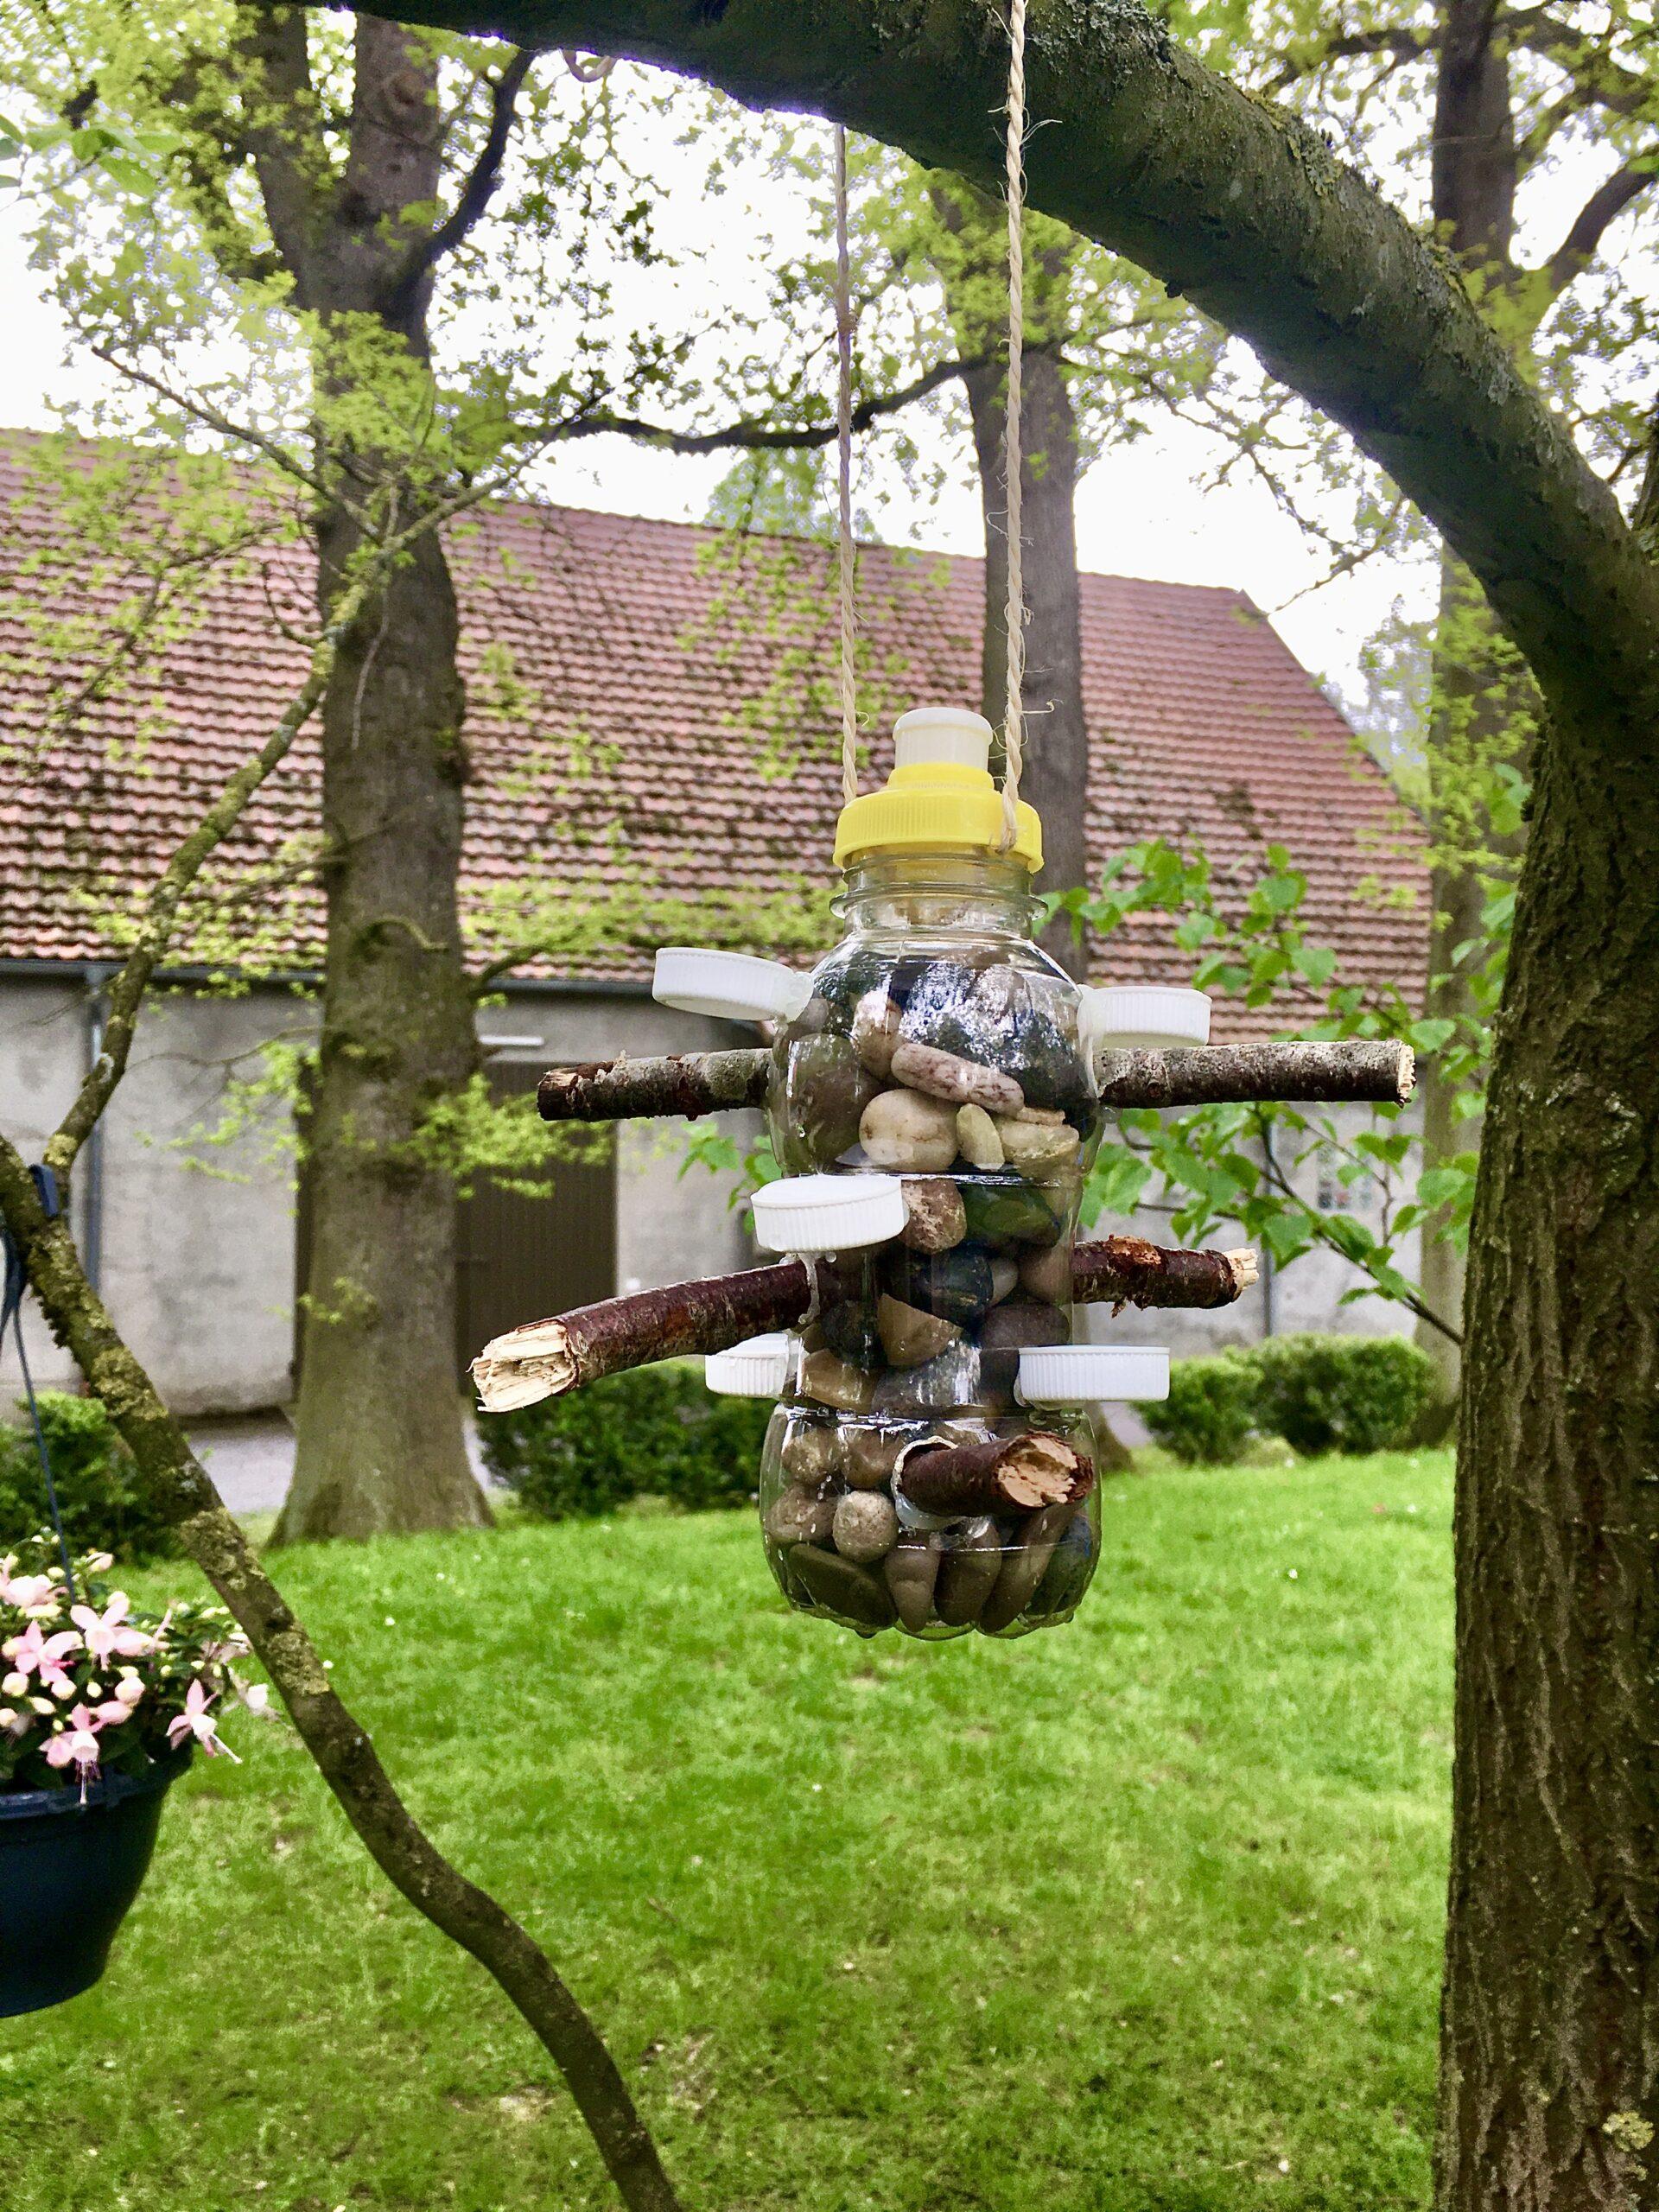 DIY Vogeltränke | Anleitung #upcycling und Naturmaterialien | #bastelnmitkindern | von Fantasiewerk